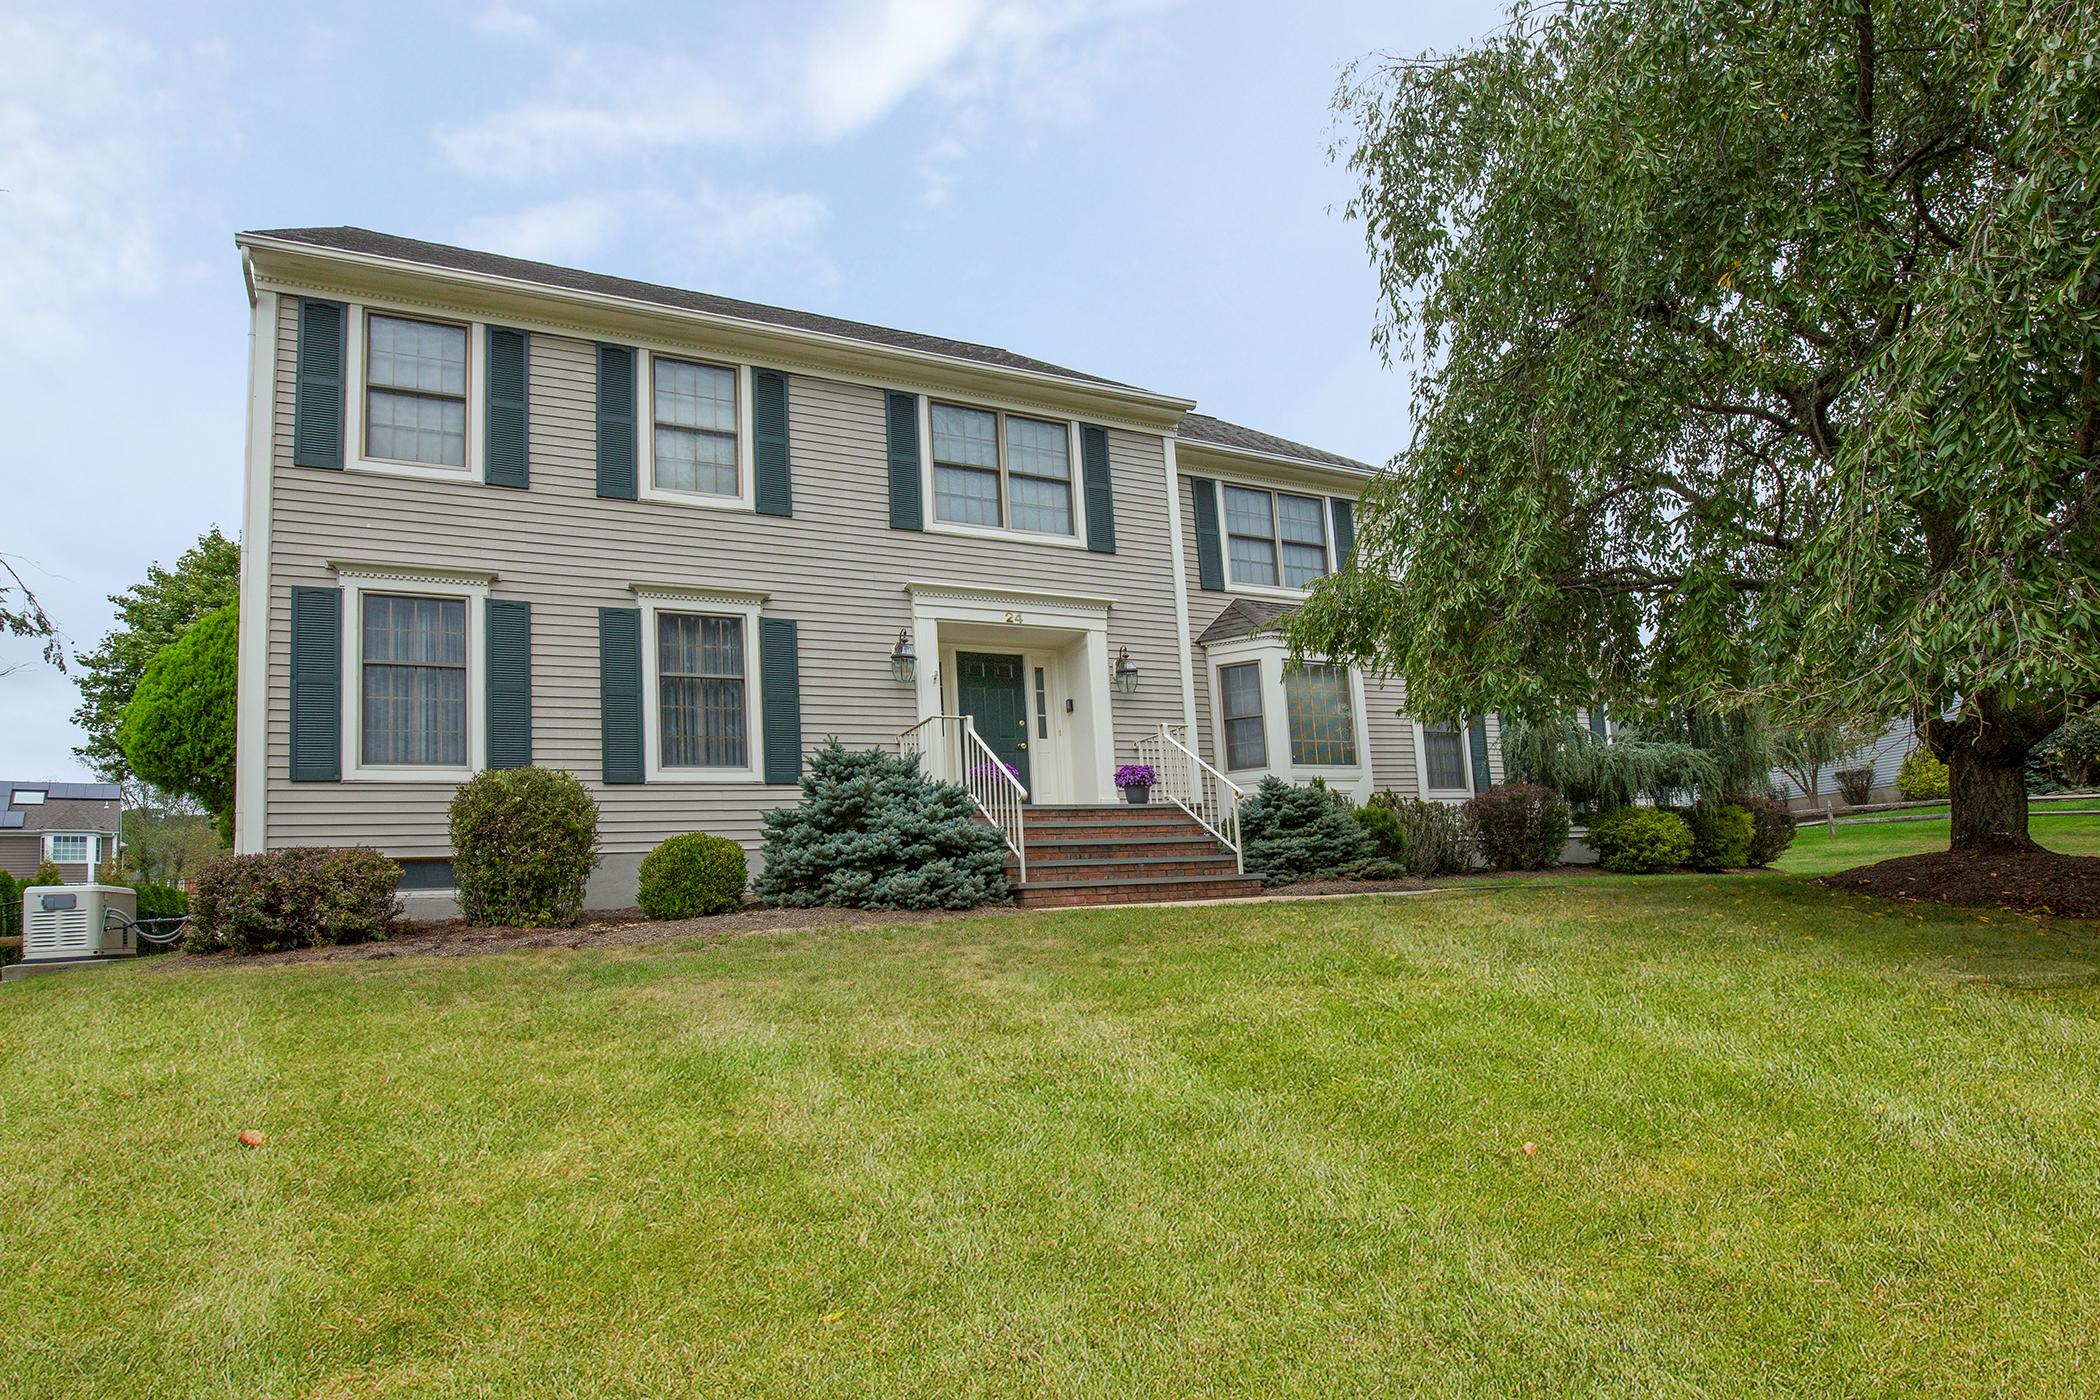 独户住宅 为 销售 在 Stately Colonial 24 Weaver Drive 布里奇沃特, 新泽西州 08807 美国